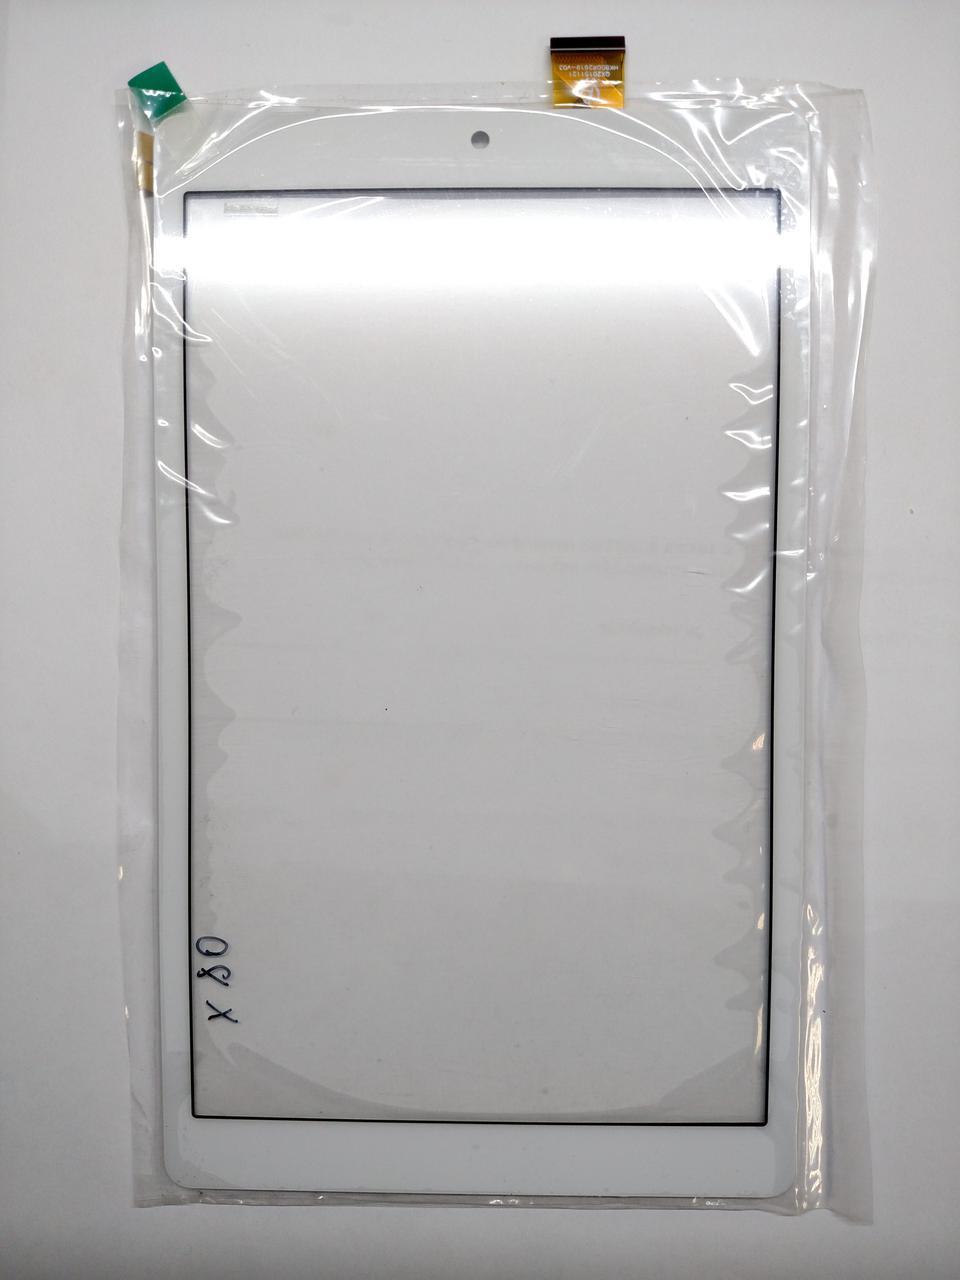 Сенсор Teclast X80 Pro тачскрин DXP2J1-0626-080B HK80DR2619-V03